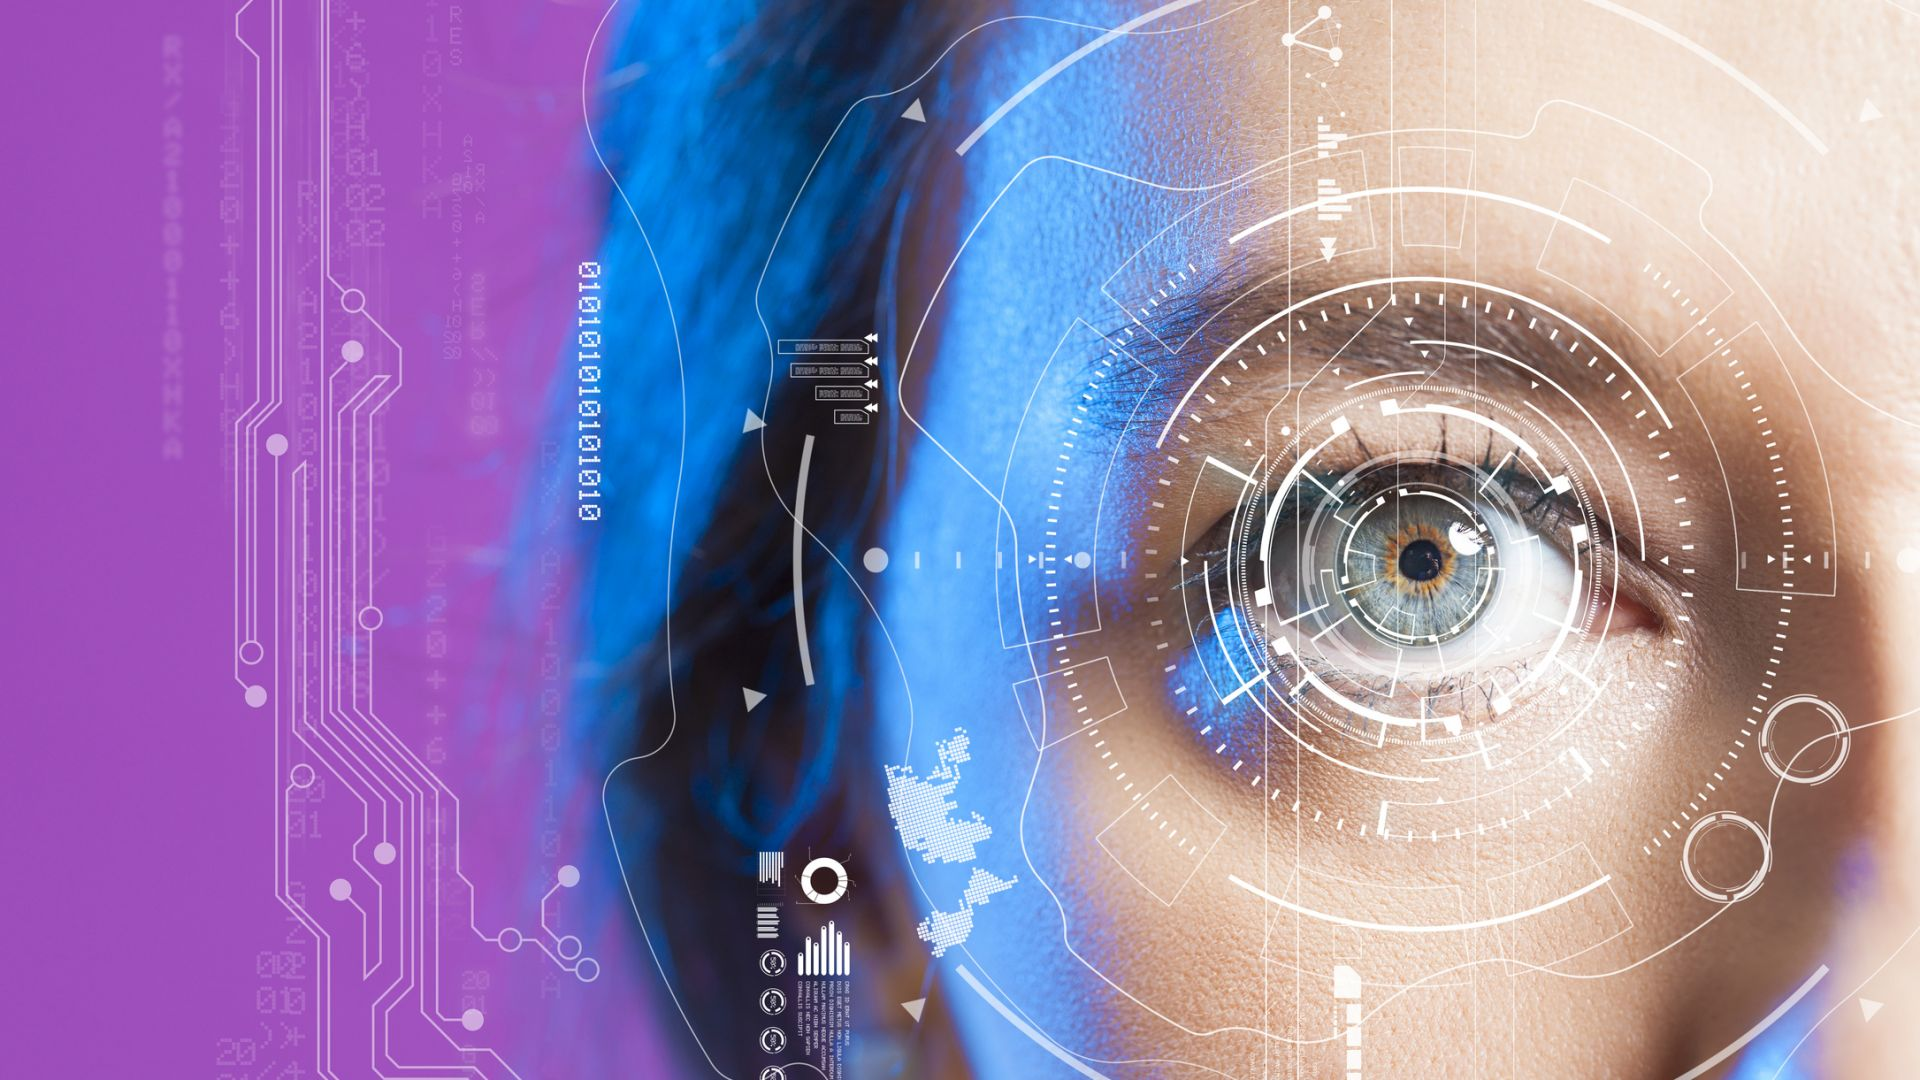 Виртуалната реалност не успа да осъществи пророкувания си успех